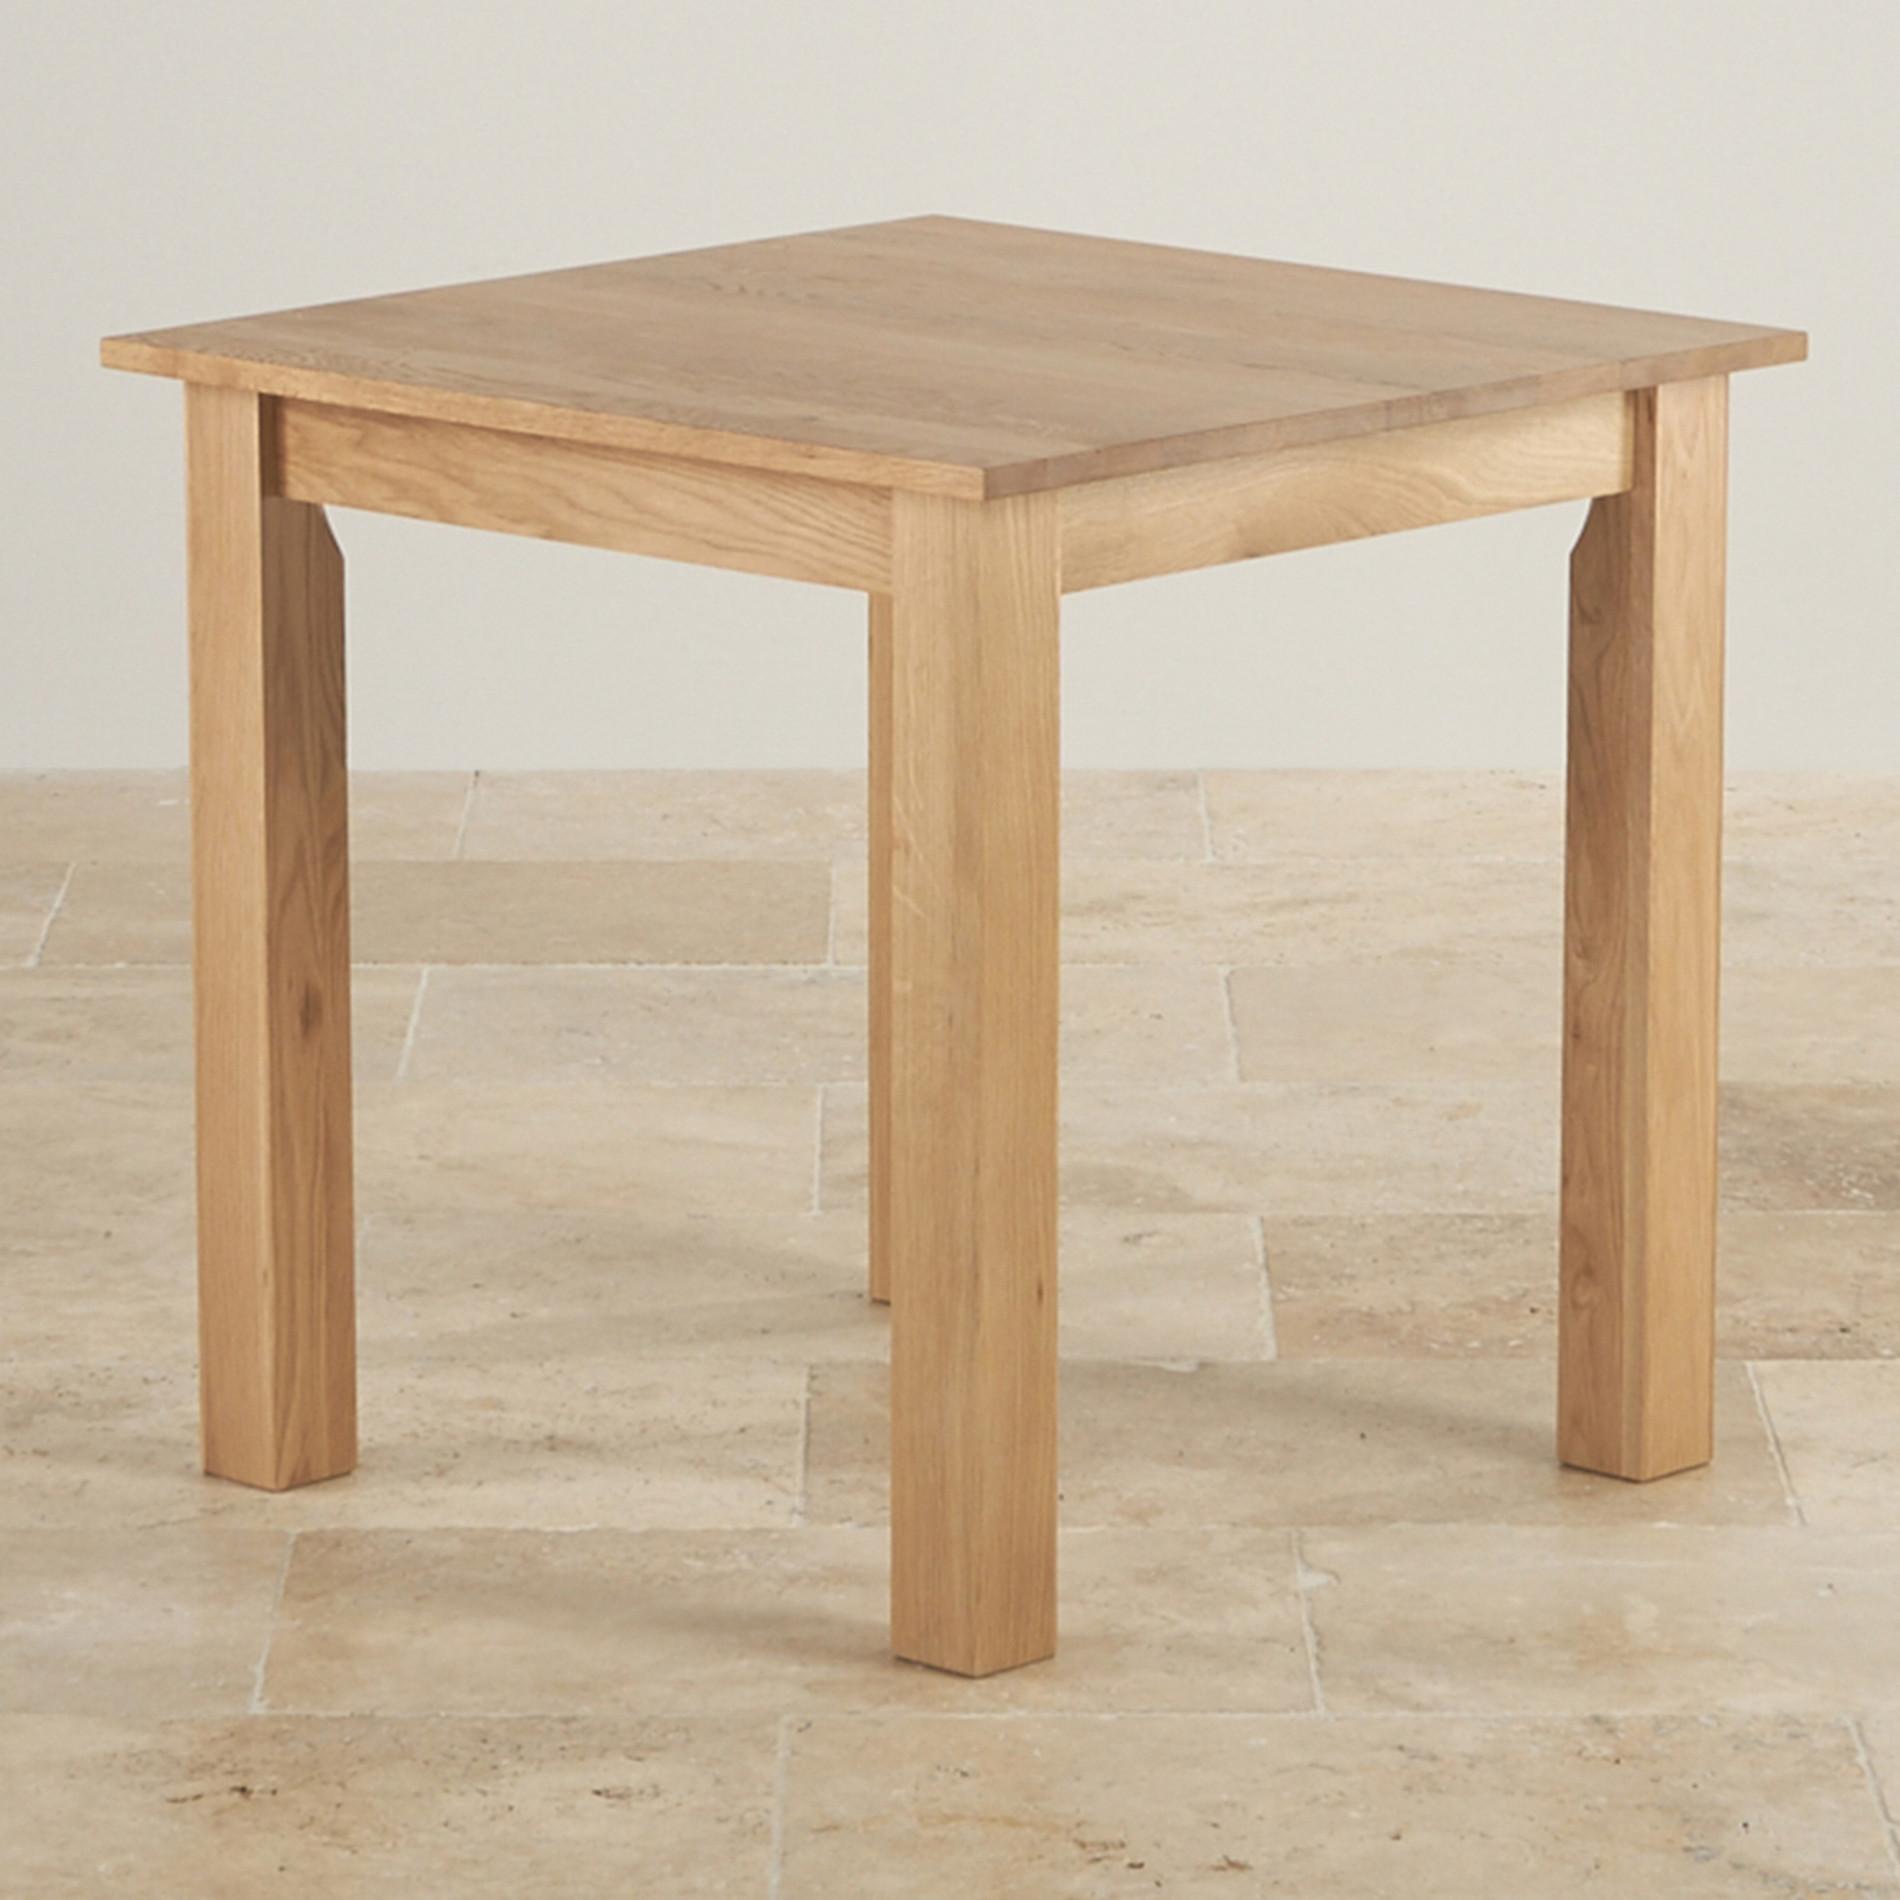 Hudson Square Dining Table In Natural Oak Oak Furniture Land